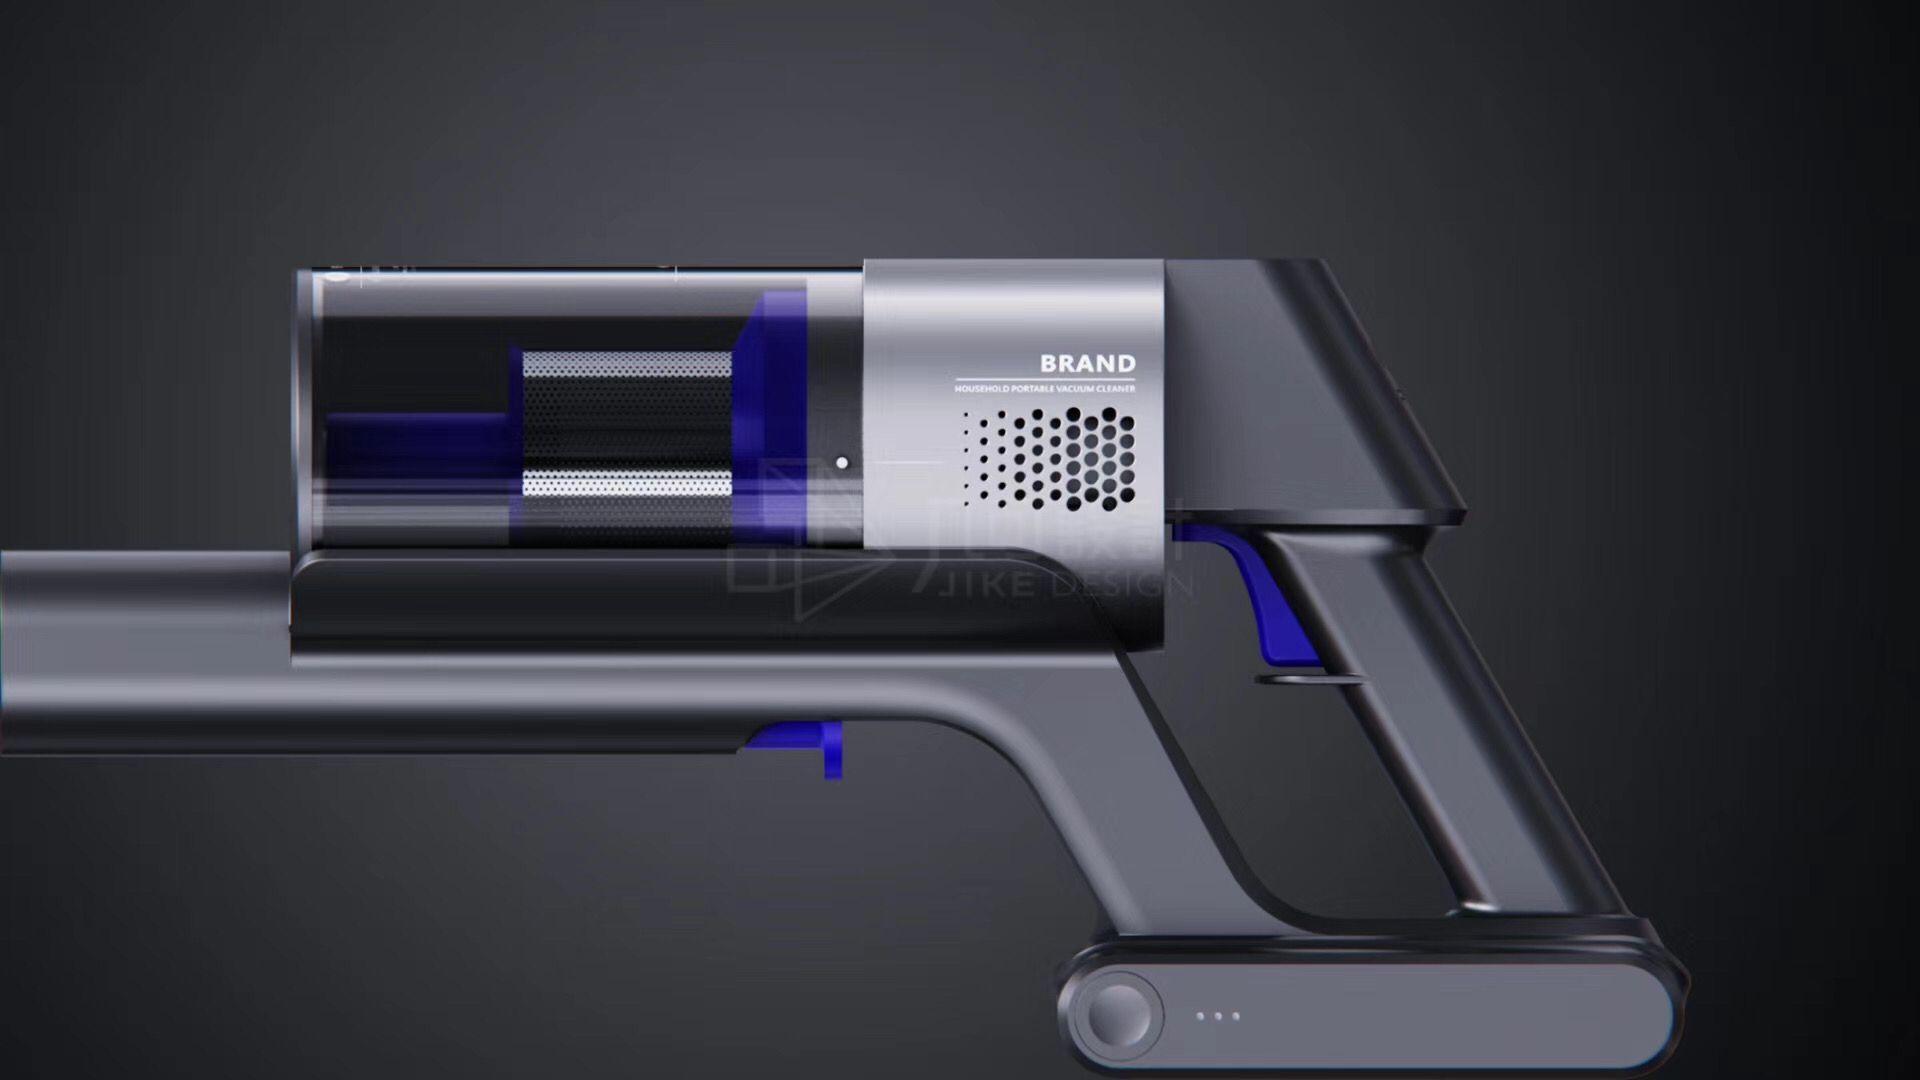 [手持家电电器]家用吸尘器/吹风机/电熨斗外观外形工业设计